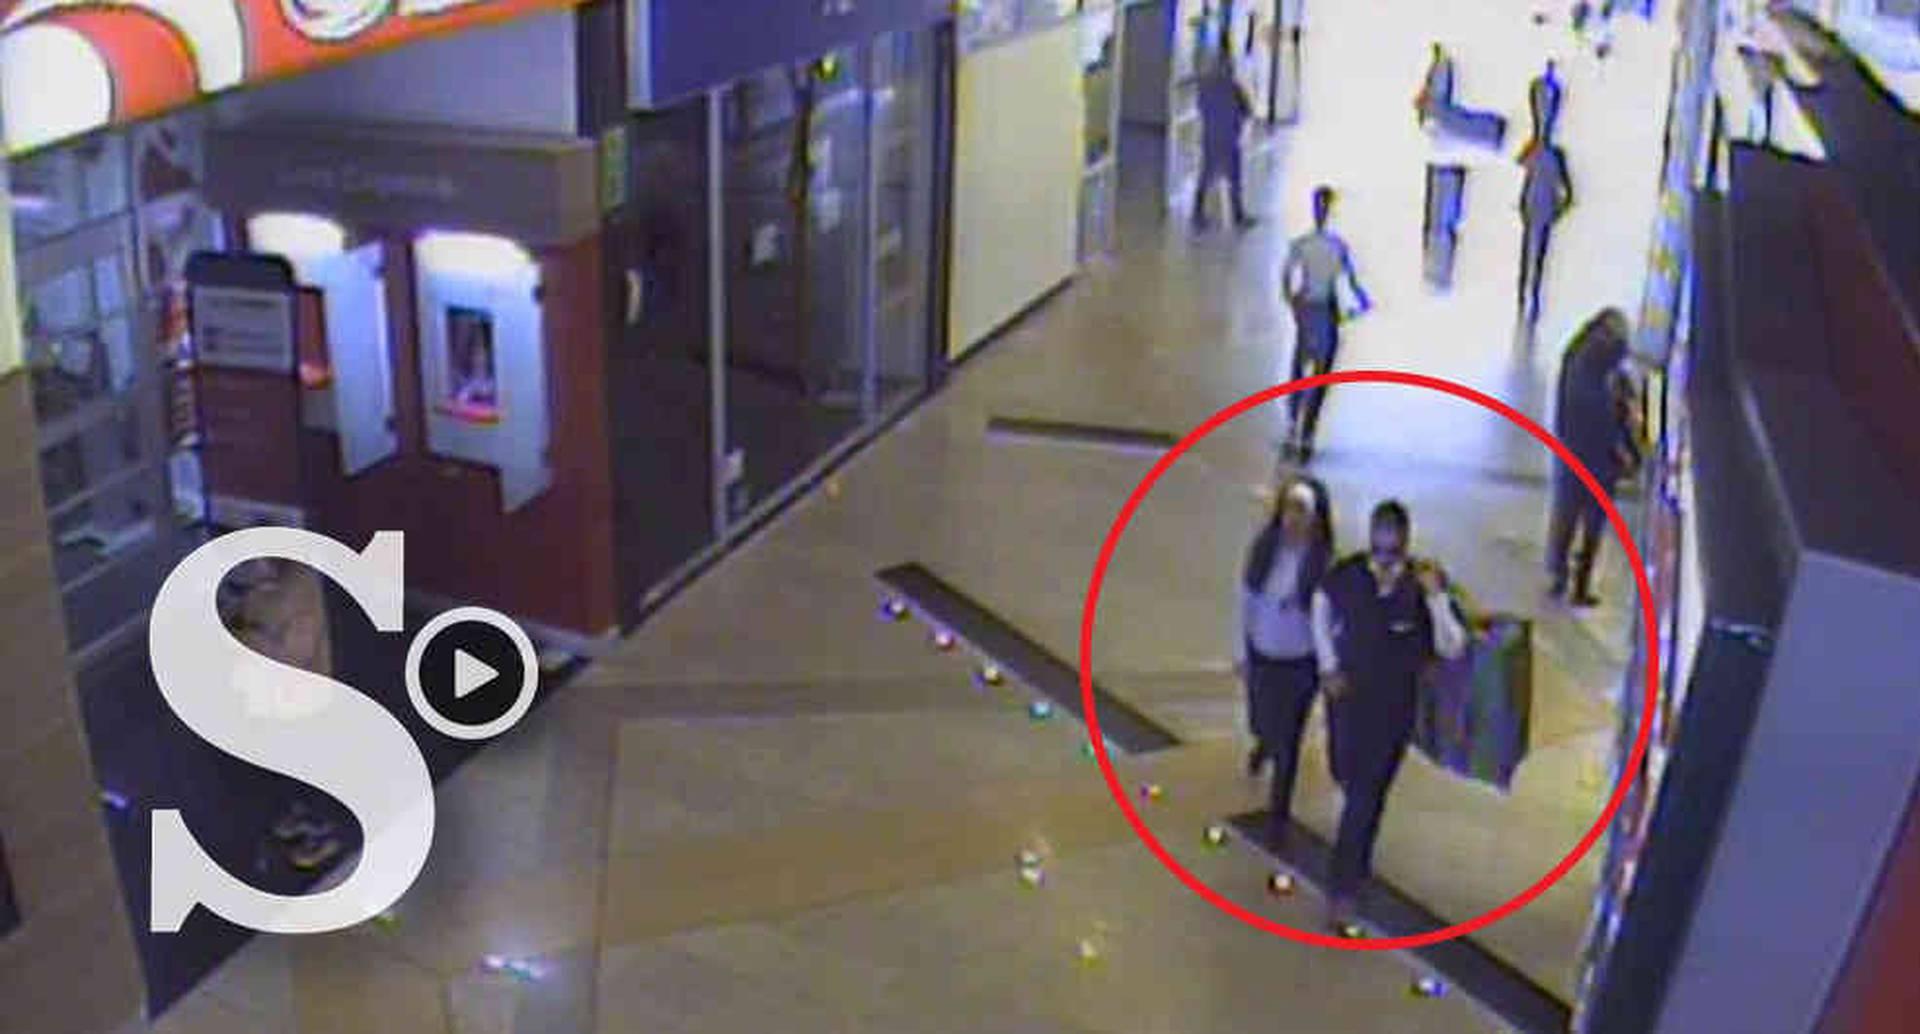 Las cámaras de seguridad registraron el momento en que los presuntos ladrones salen del local con el botín, mientras el vigilante camina tras ellos.